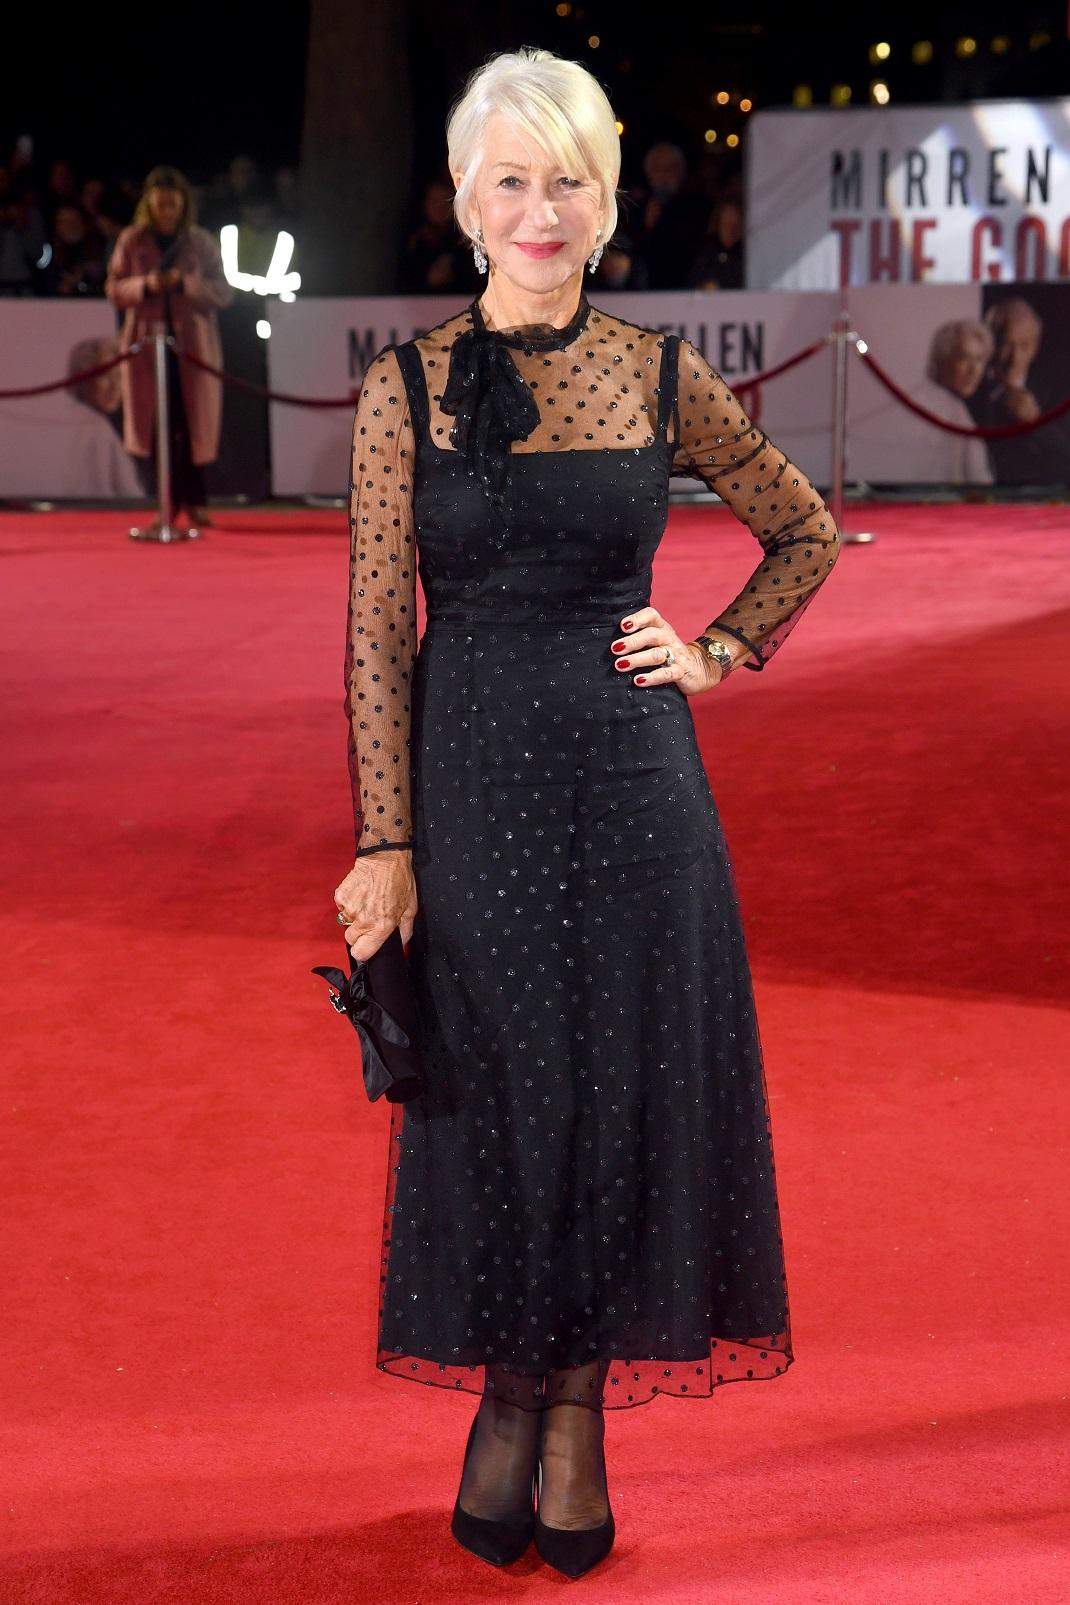 Η Έλεν Μίρεν με μαύρο φόρεμα